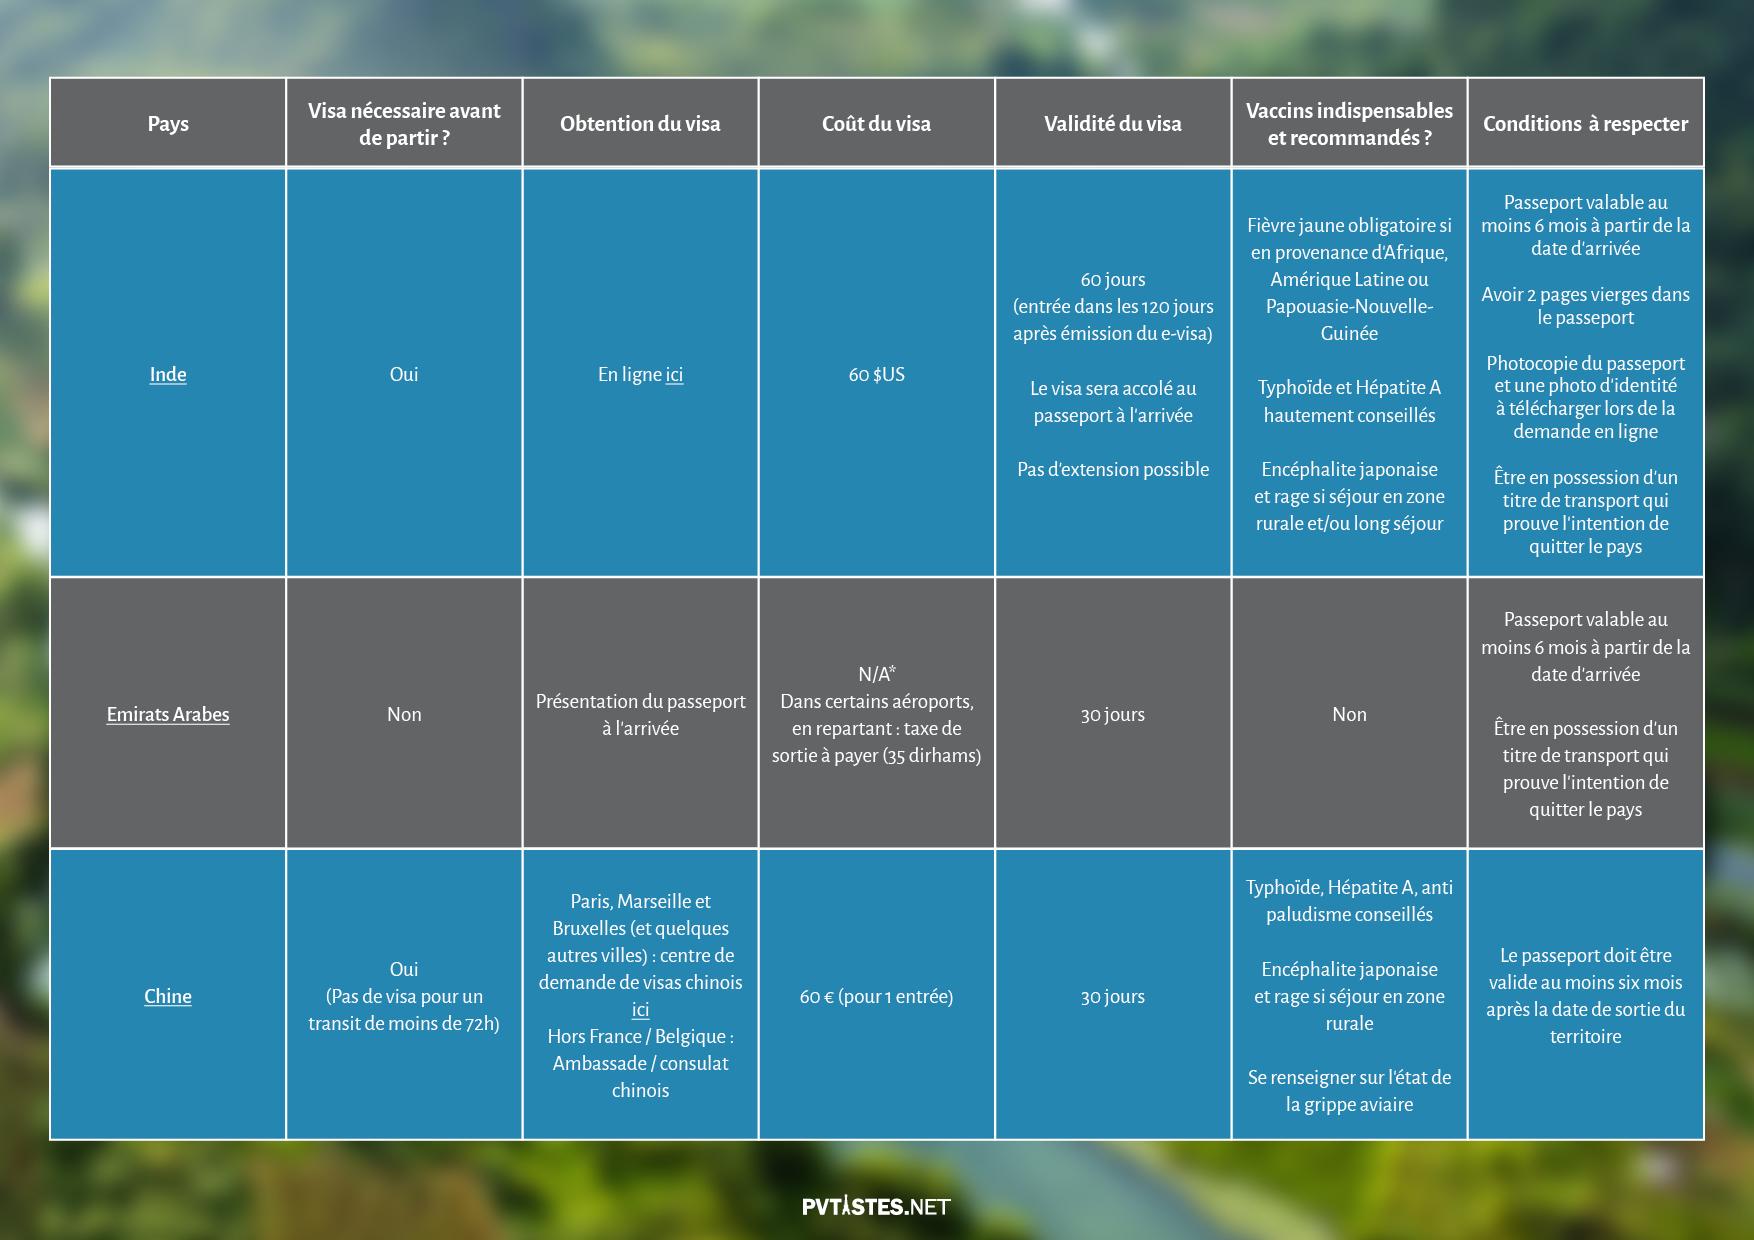 Tourisme en Asie et dans le Pacifique - Visas et Vaccins 6